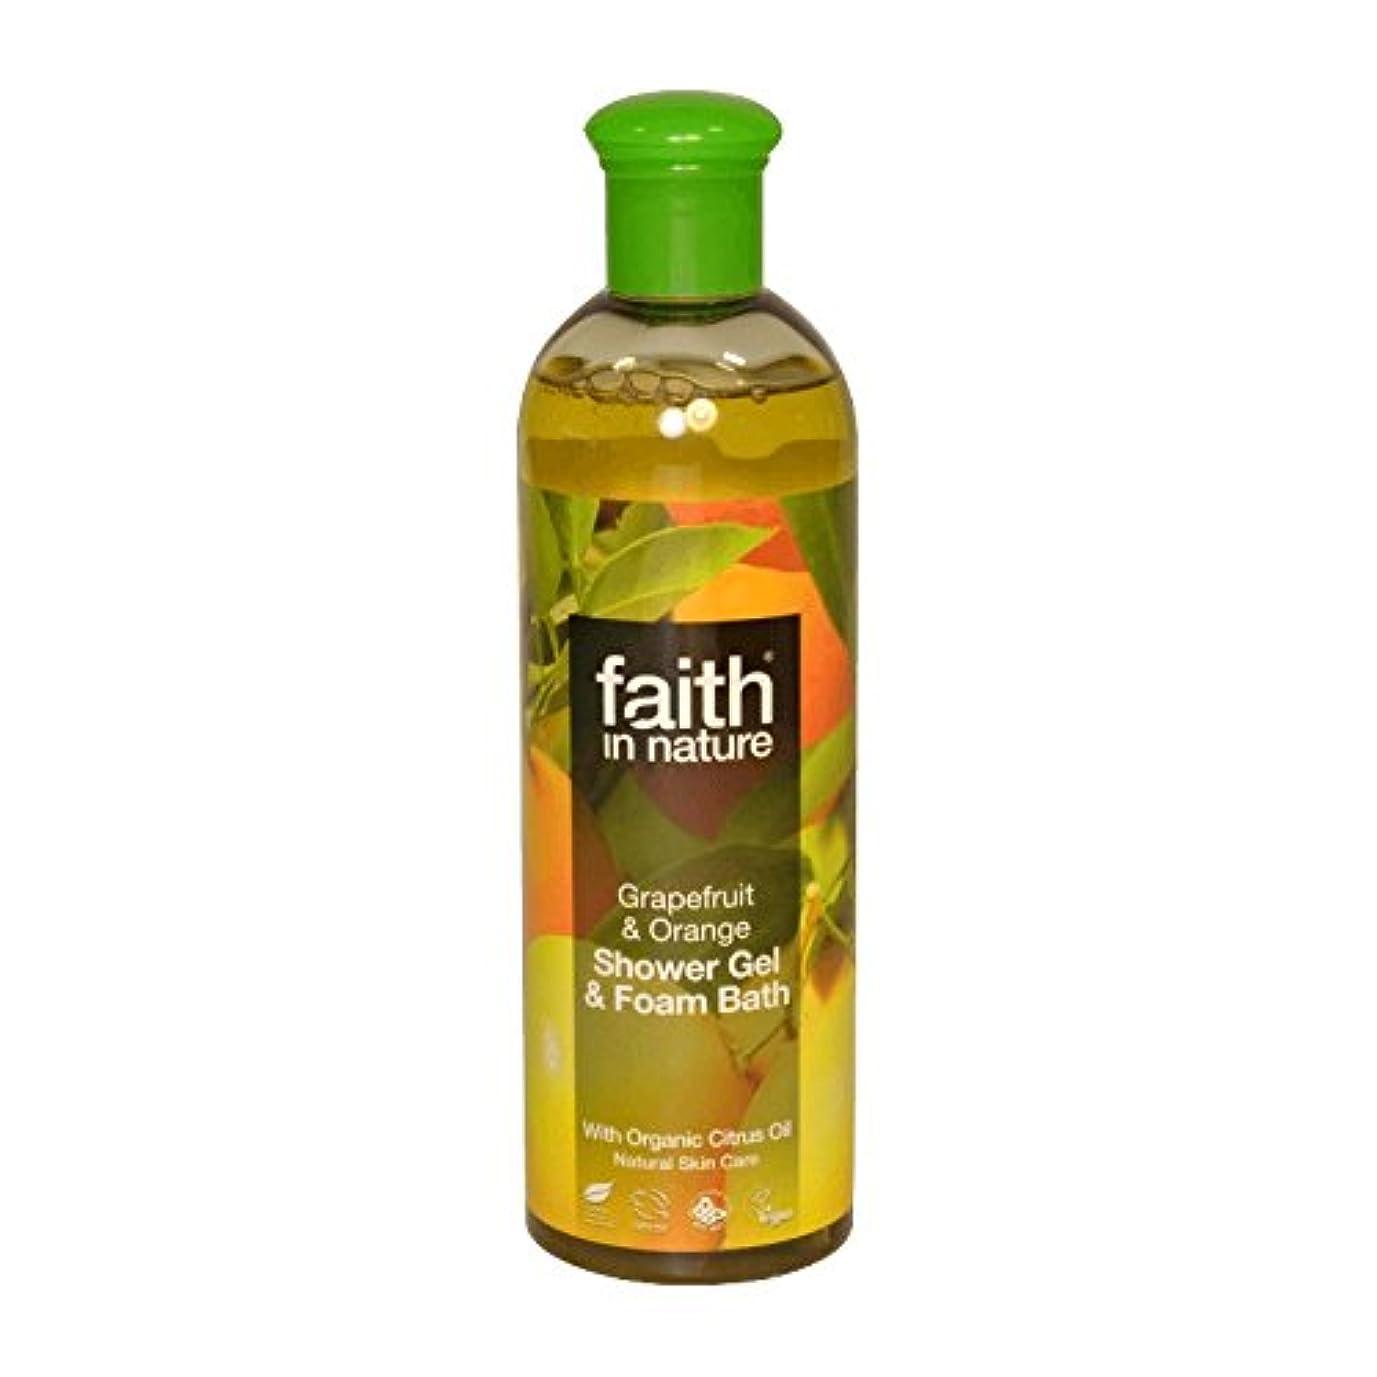 正直単なる差し控える自然グレープフルーツ&オレンジシャワージェル&バス泡400ミリリットルの信仰 - Faith in Nature Grapefruit & Orange Shower Gel & Bath Foam 400ml (Faith...